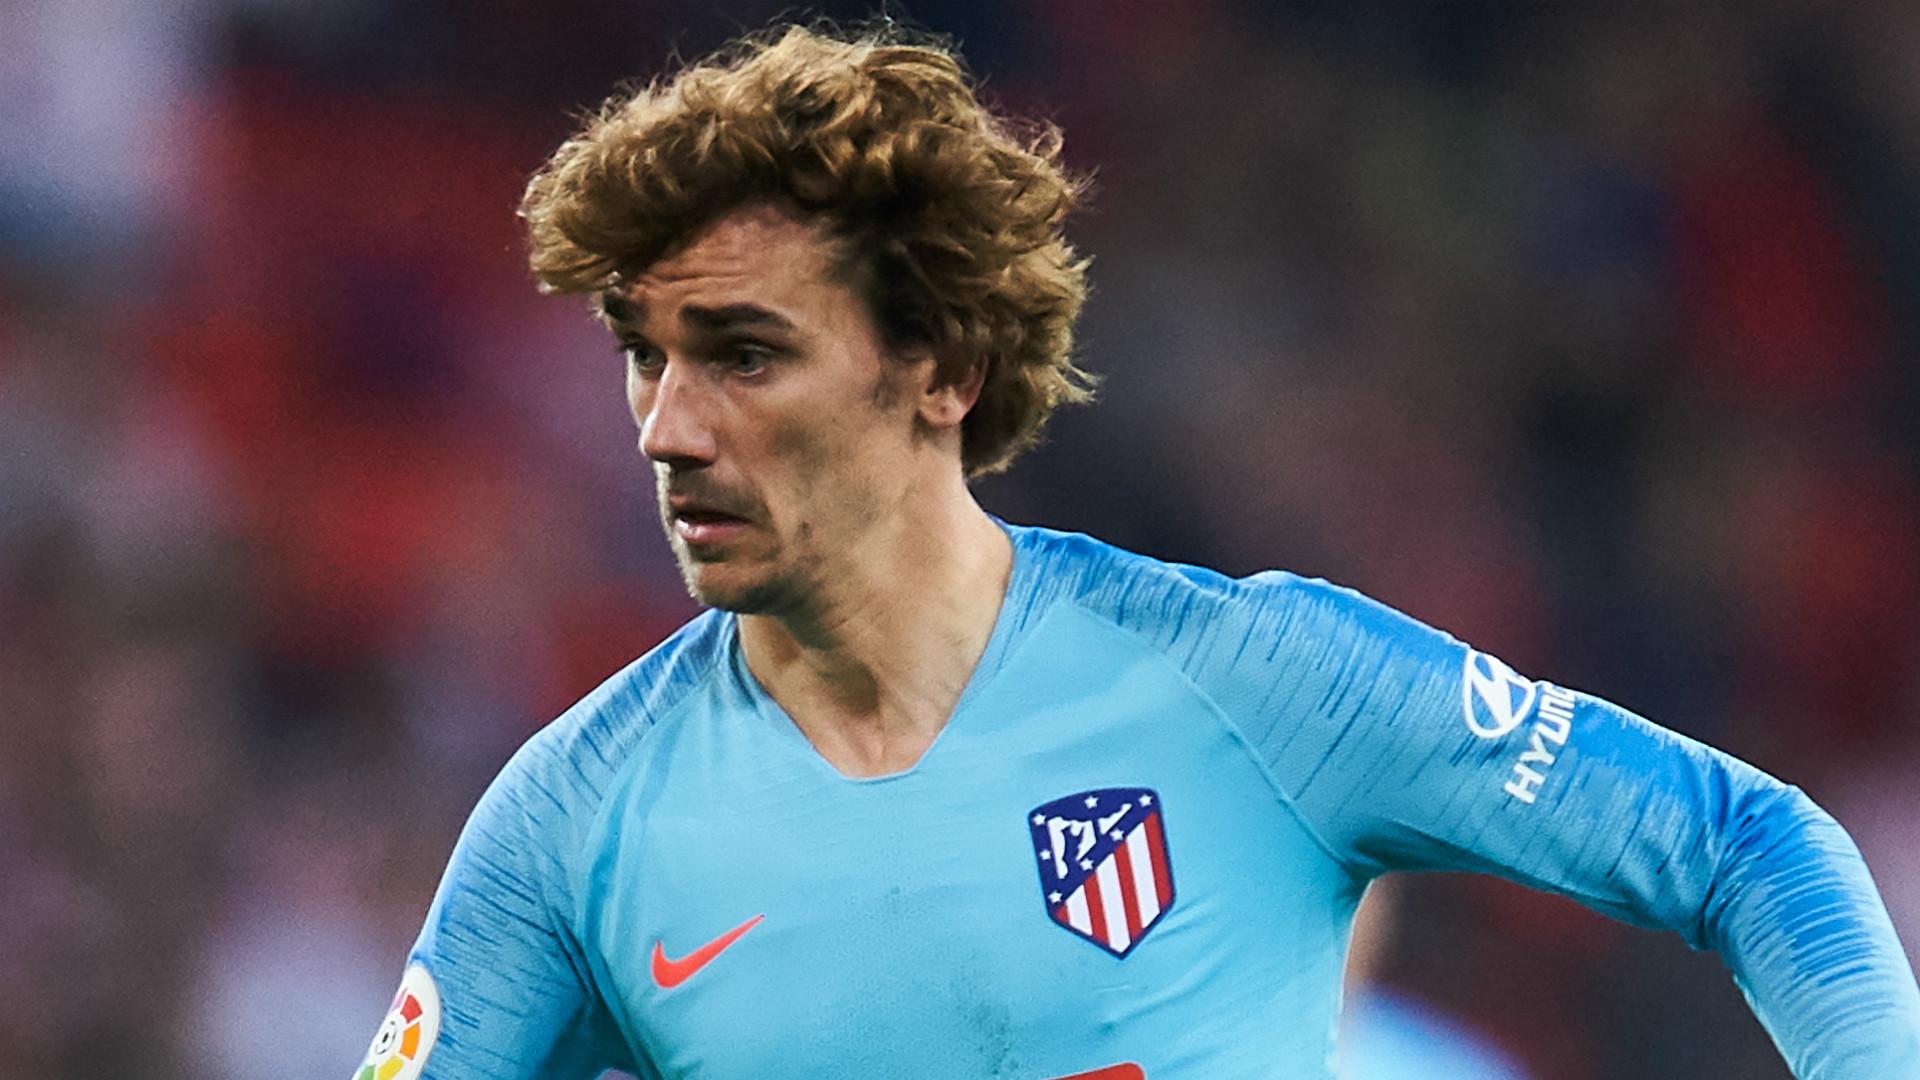 Mercato - Transfert d'Antoine Griezmann au Barça : L'Atlético Madrid réclame 80 M¬